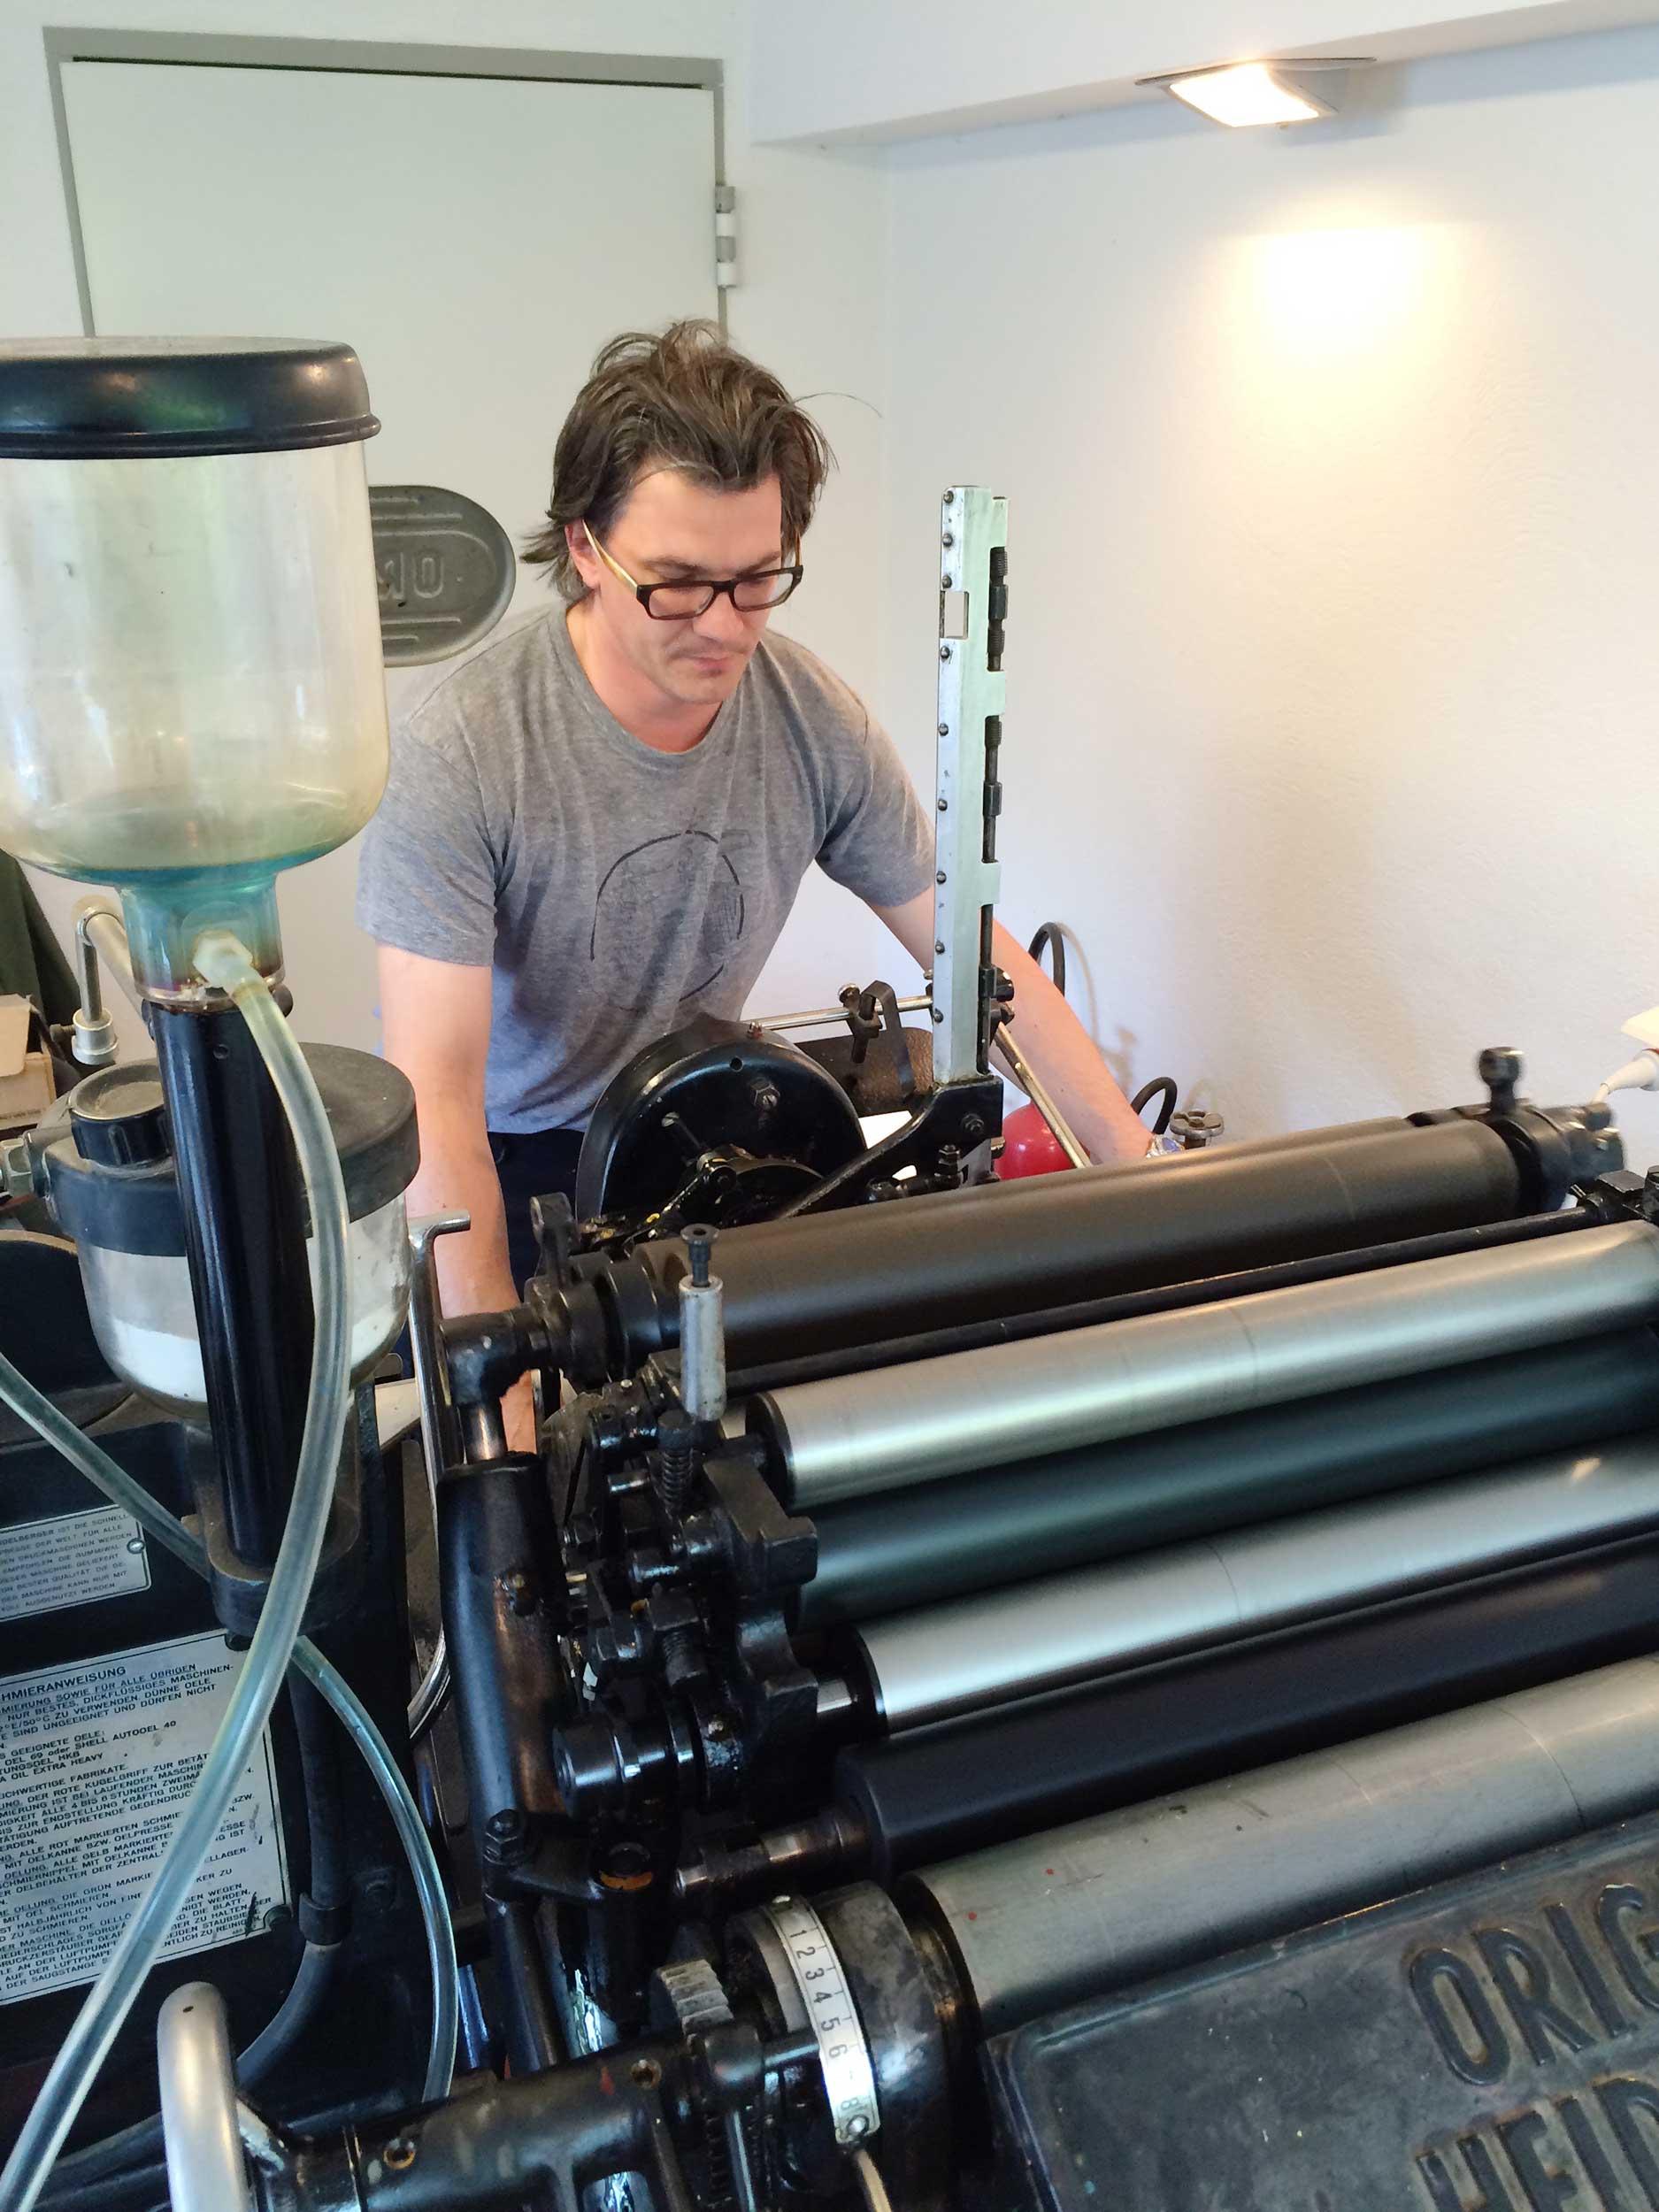 Letterpress-Druckvorgang auf einem Heidelberger Tiegel